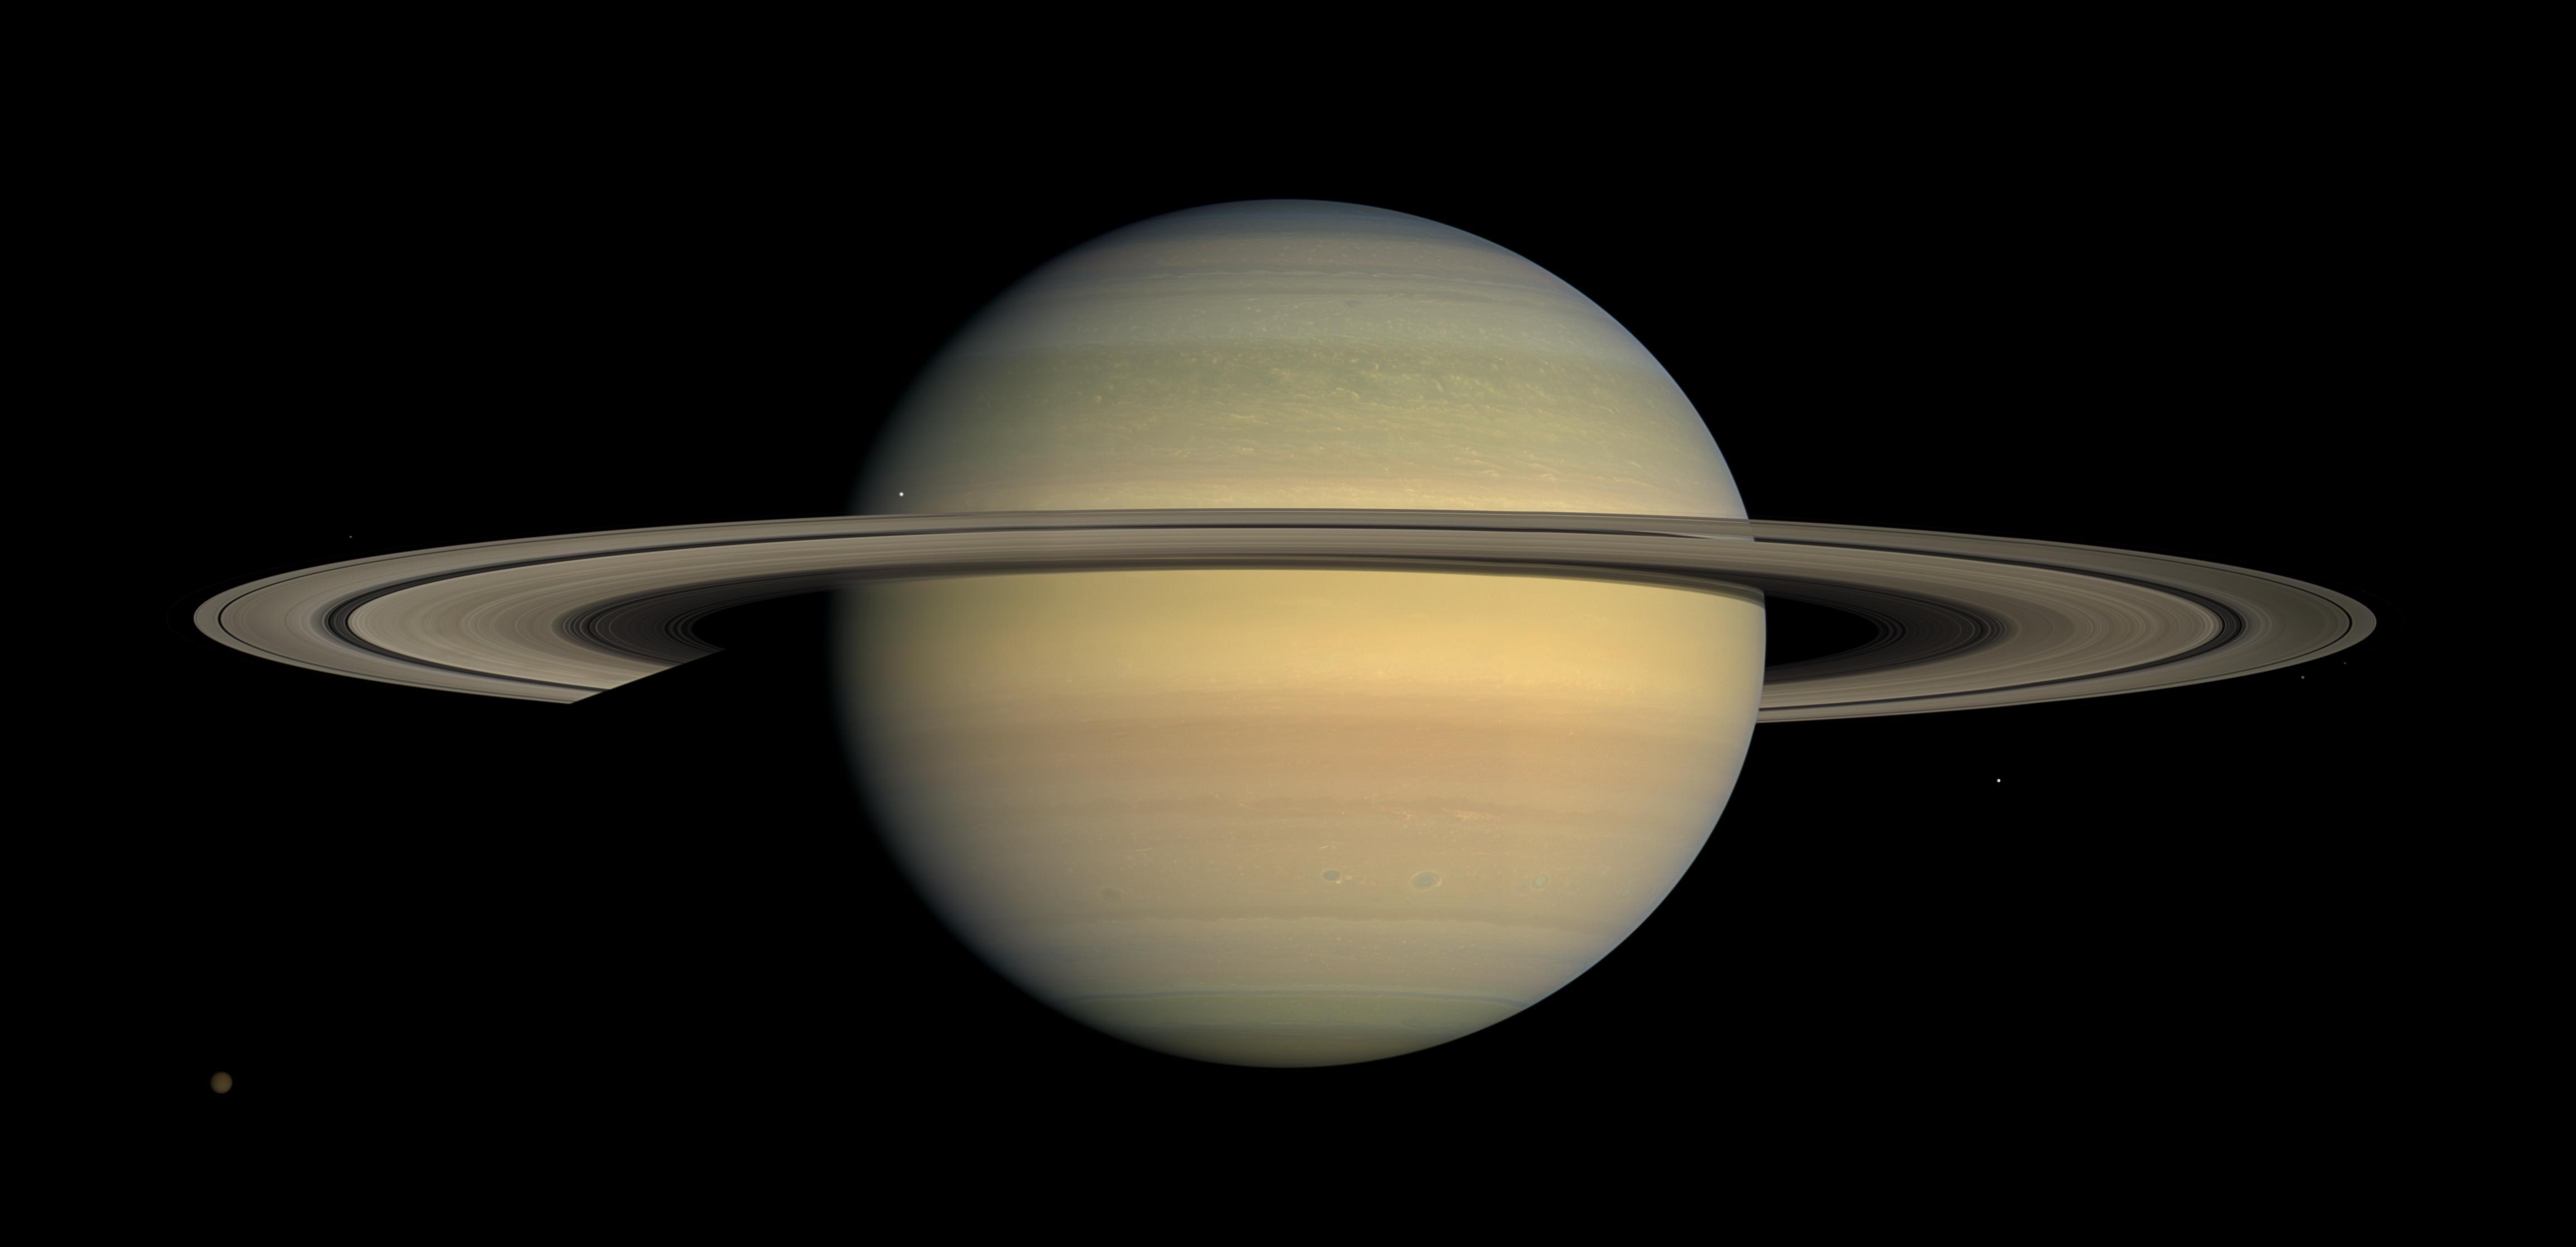 Снимок Сатурна со станции Cassini